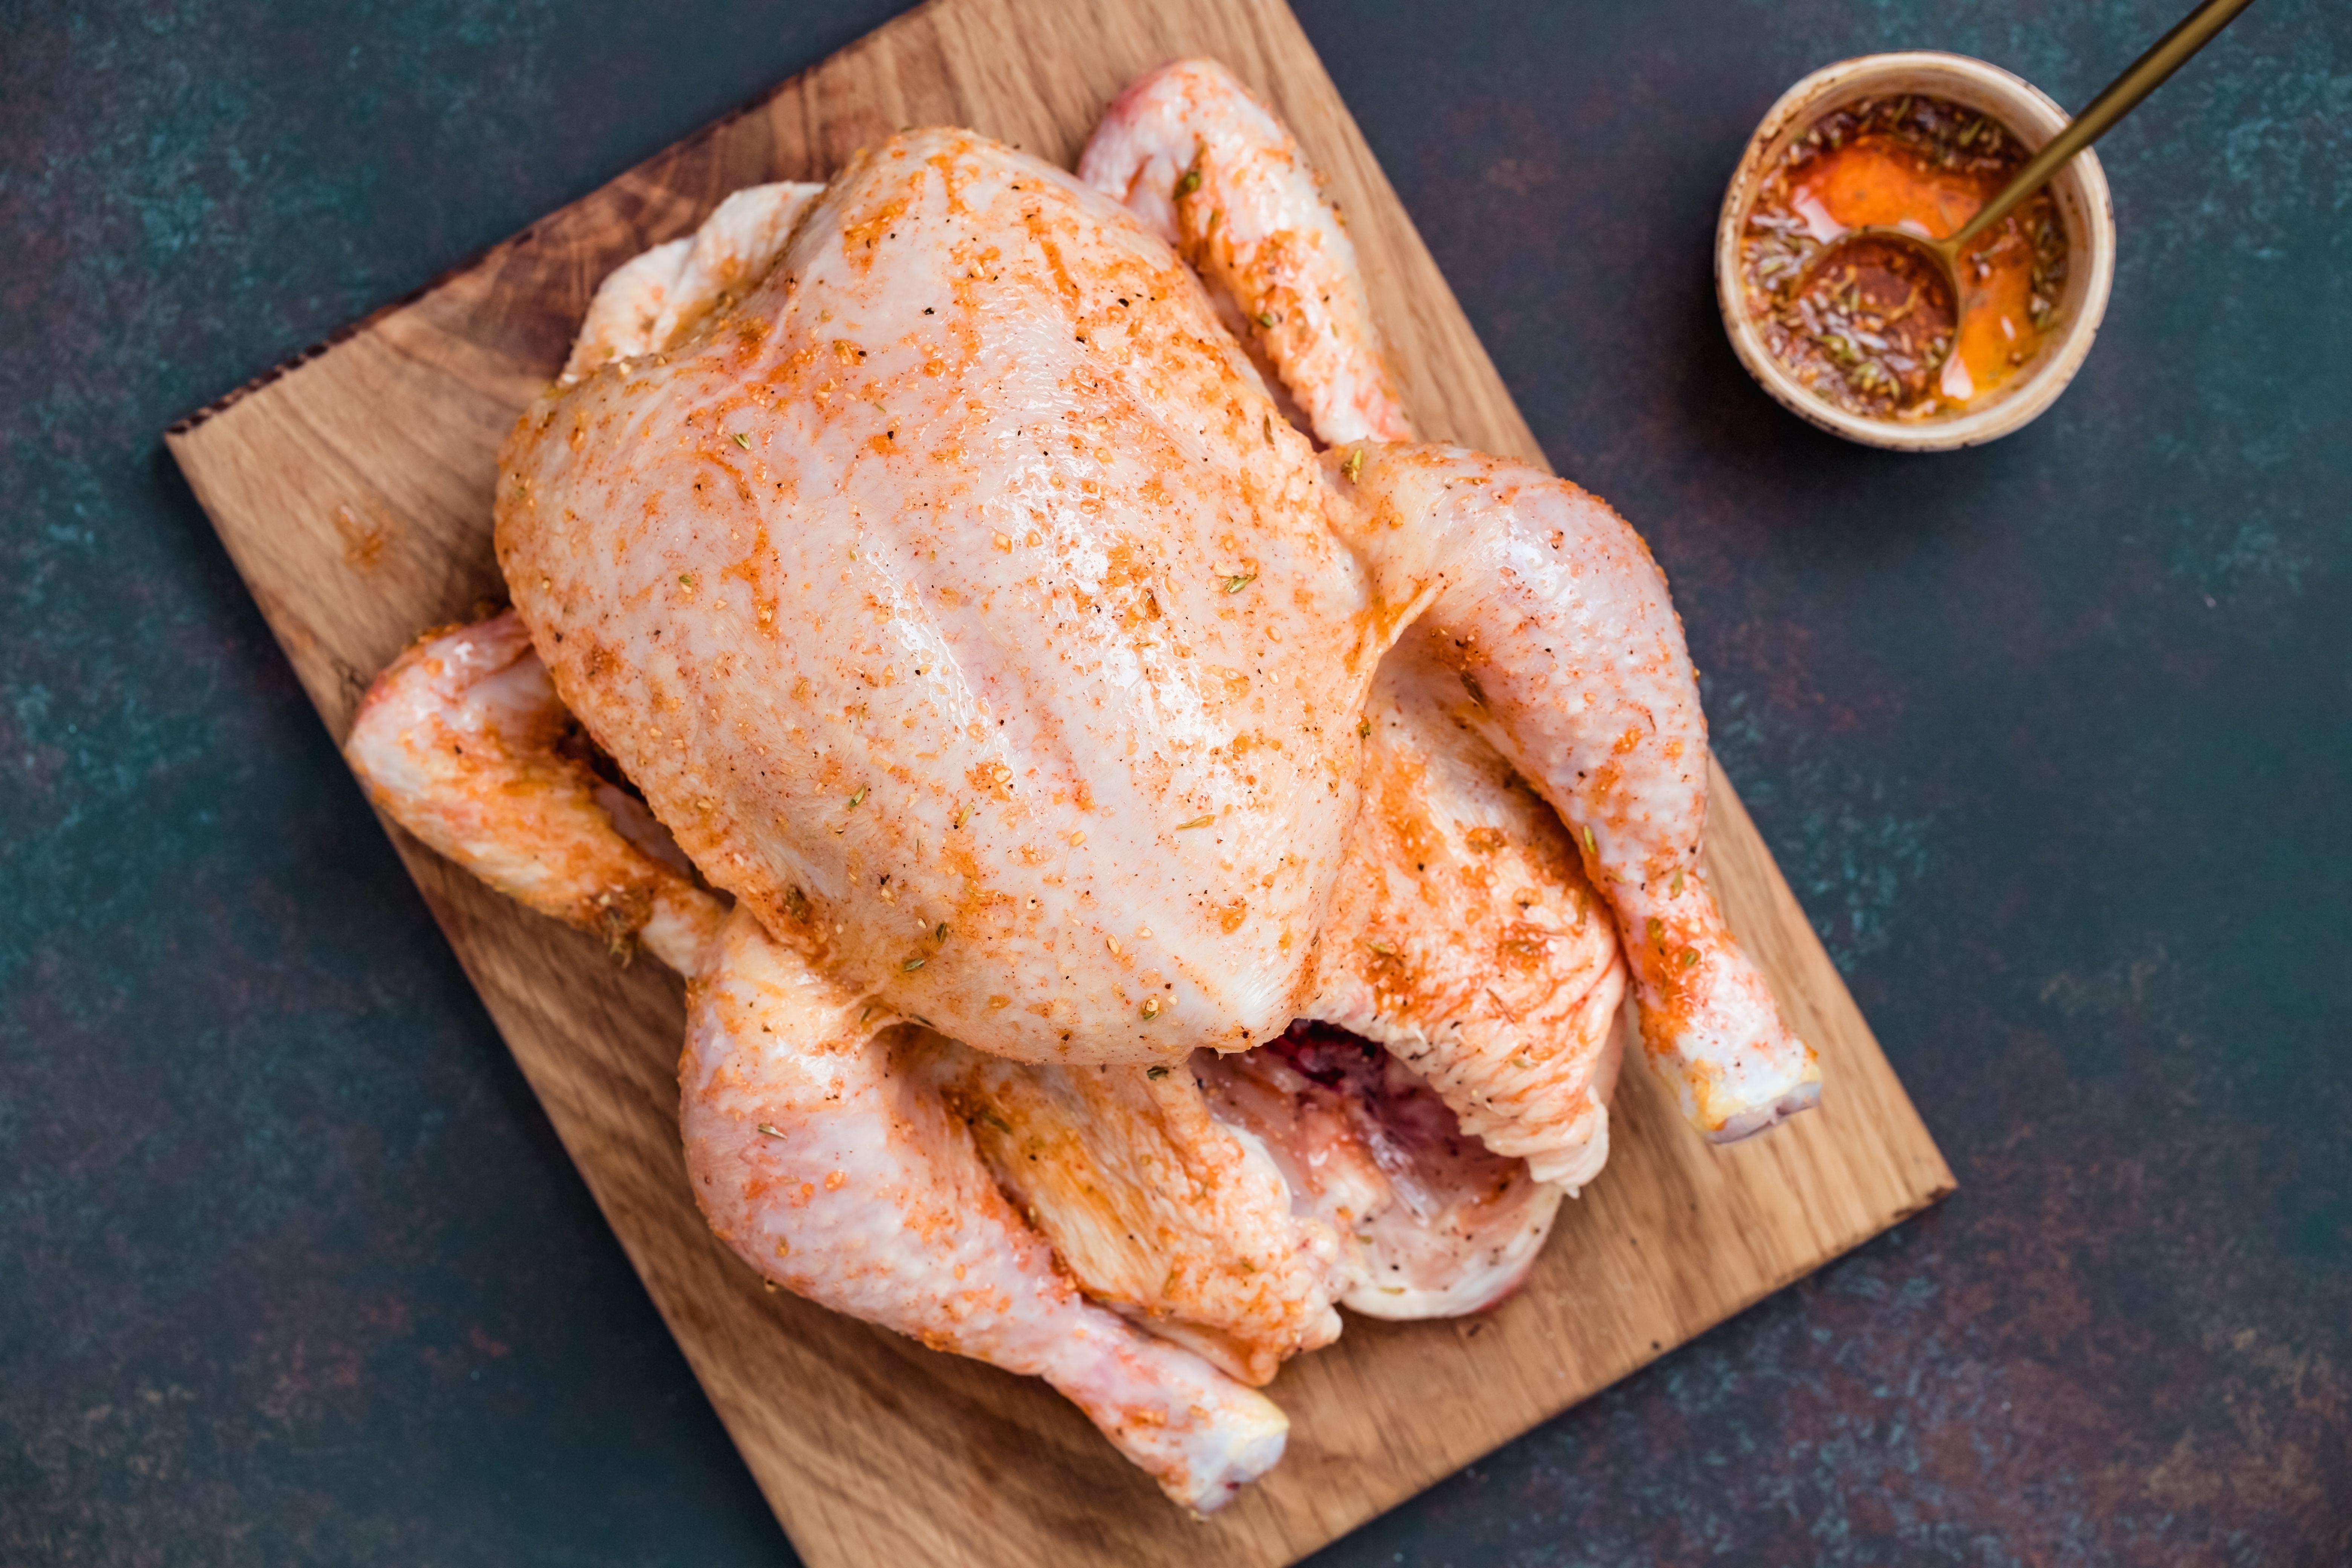 Put sauce on chicken